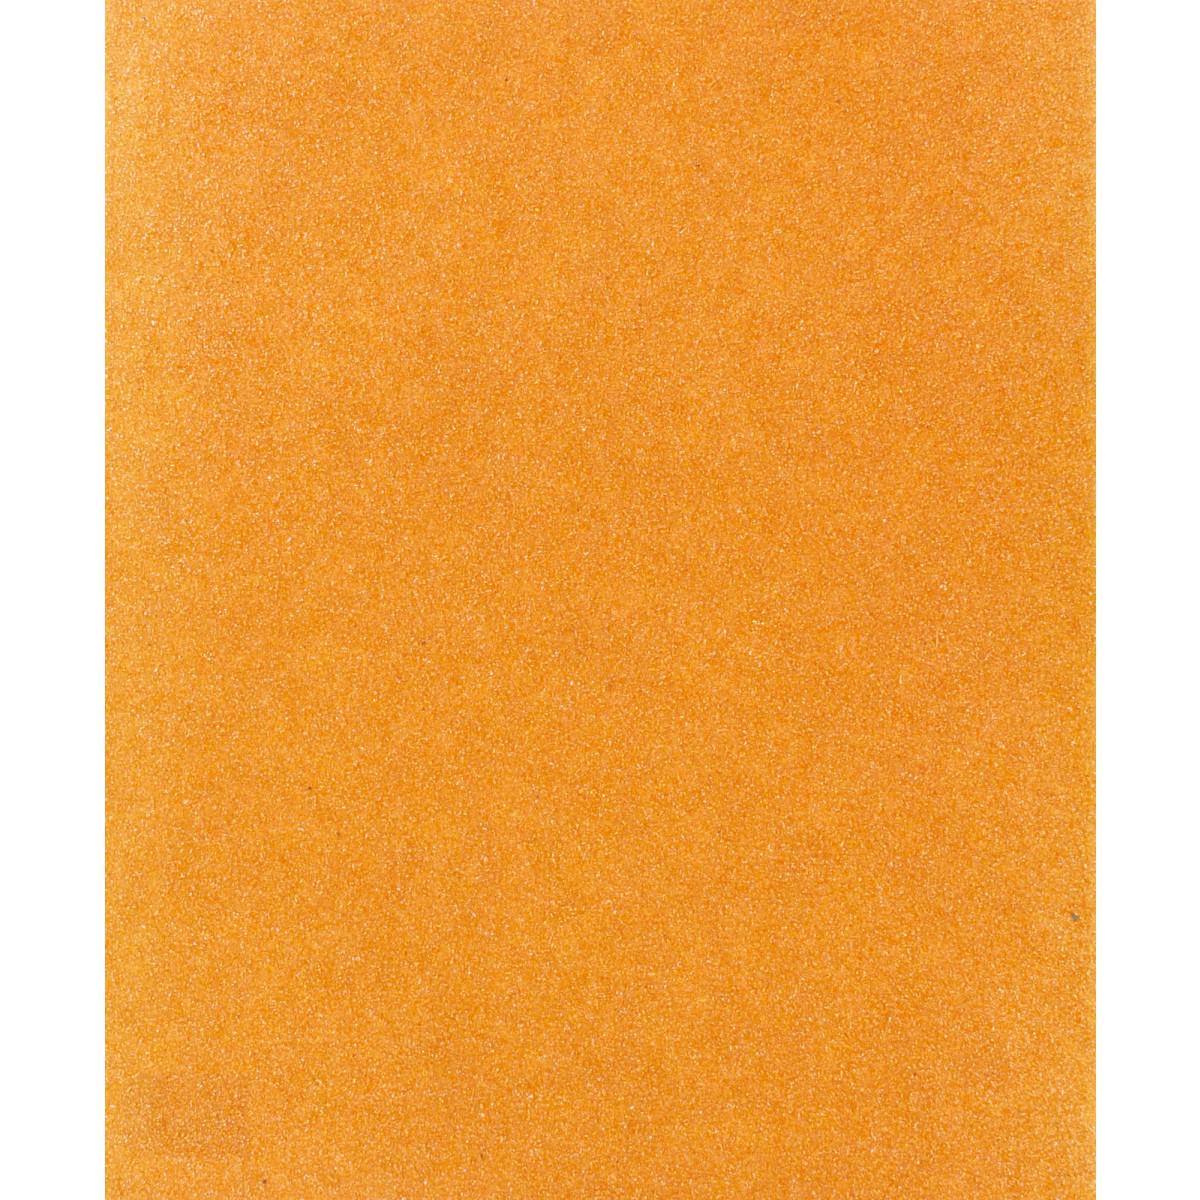 Papier de verre Silex 230 x 280 mm SCID - Grain 40 - Vendu par 1